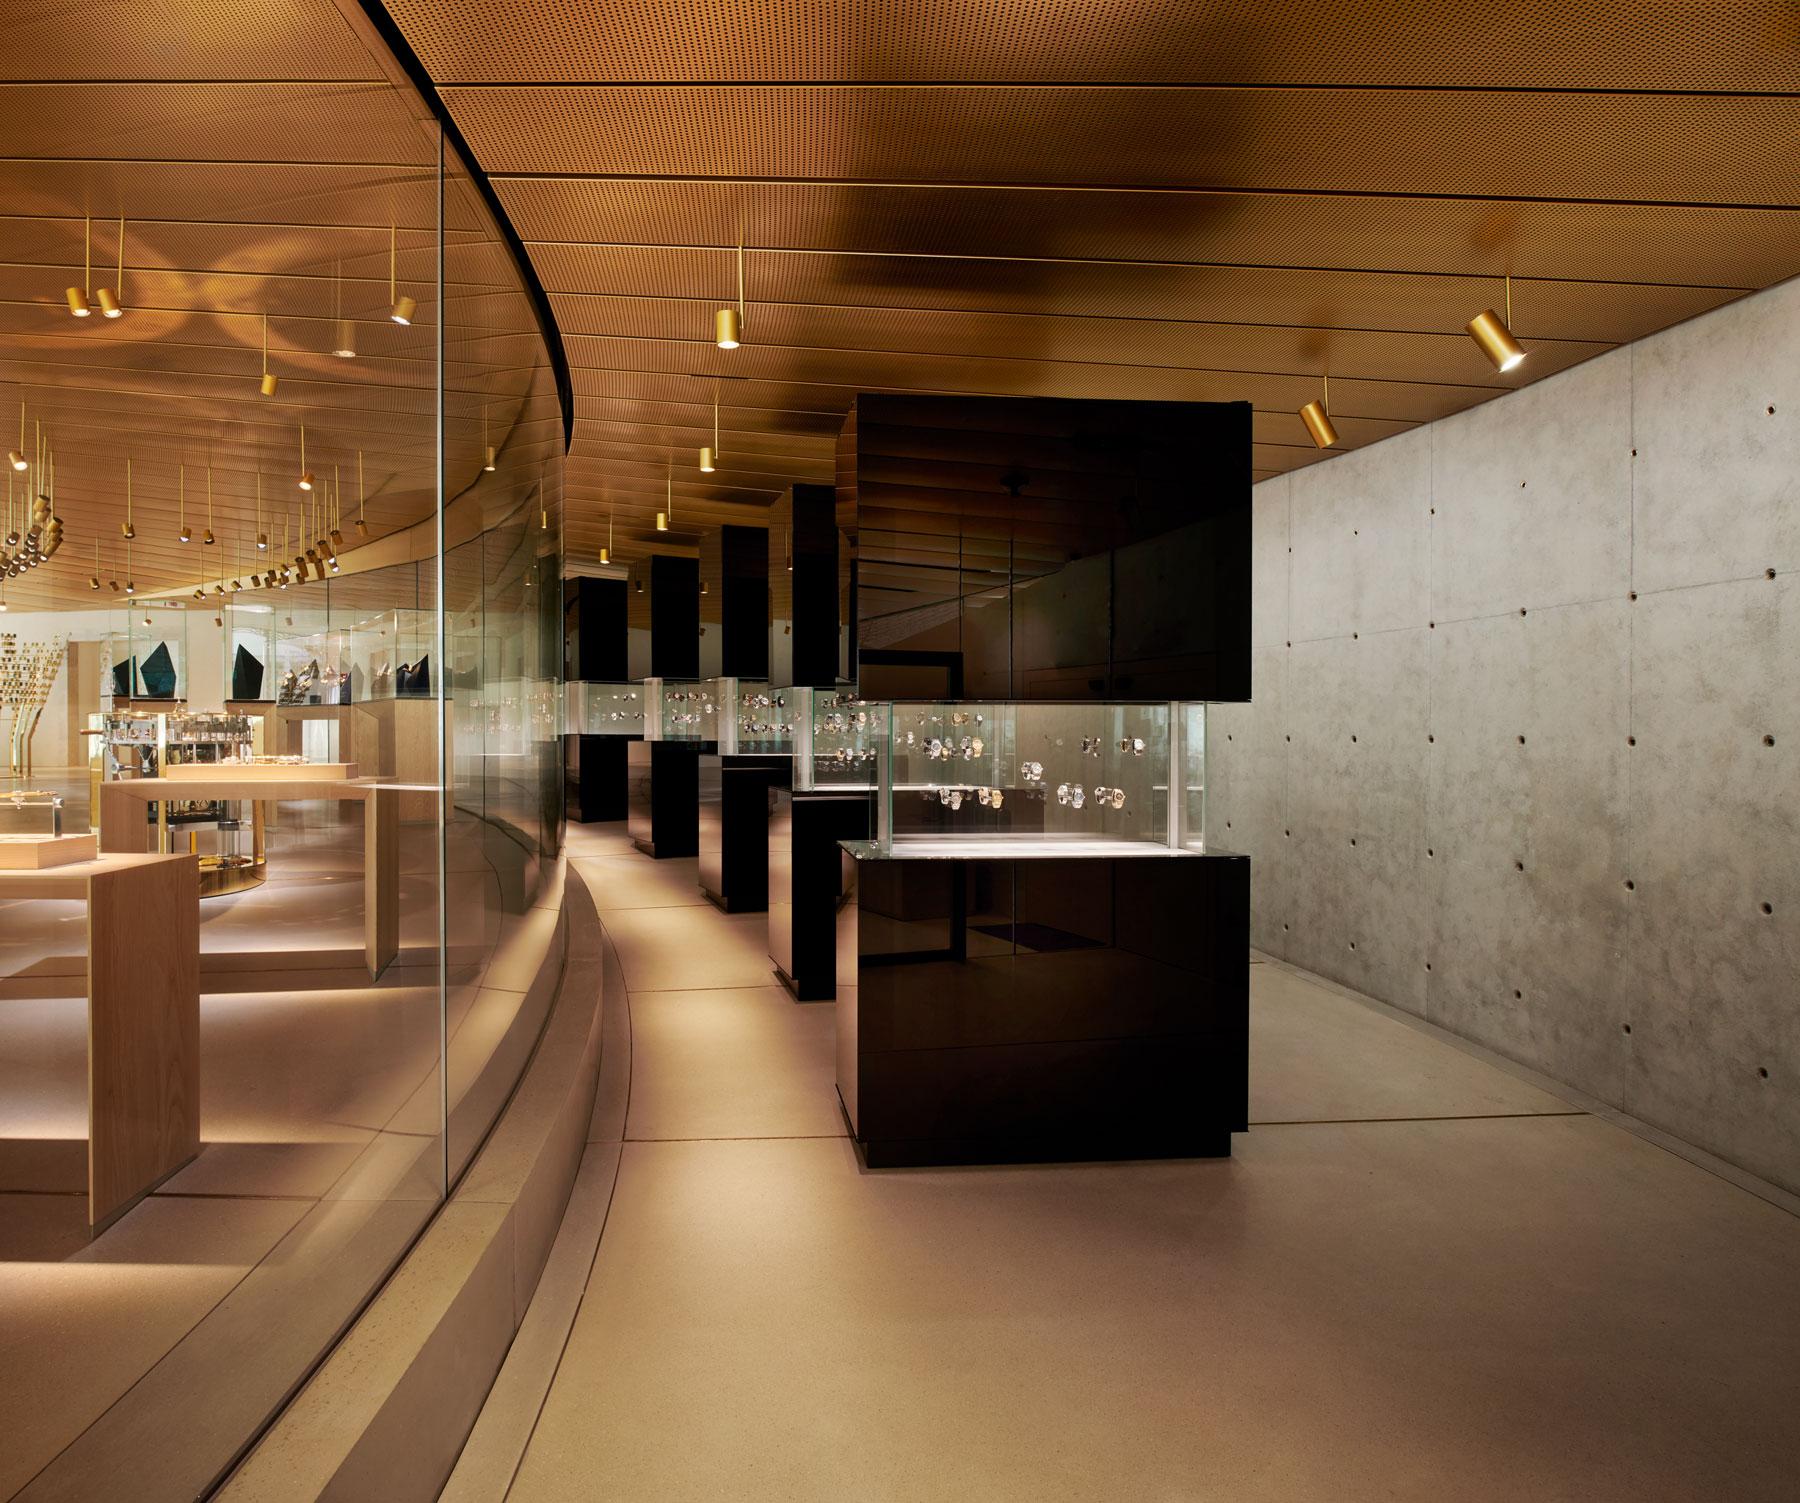 Museum: Audemars Piguet's new oxymoron